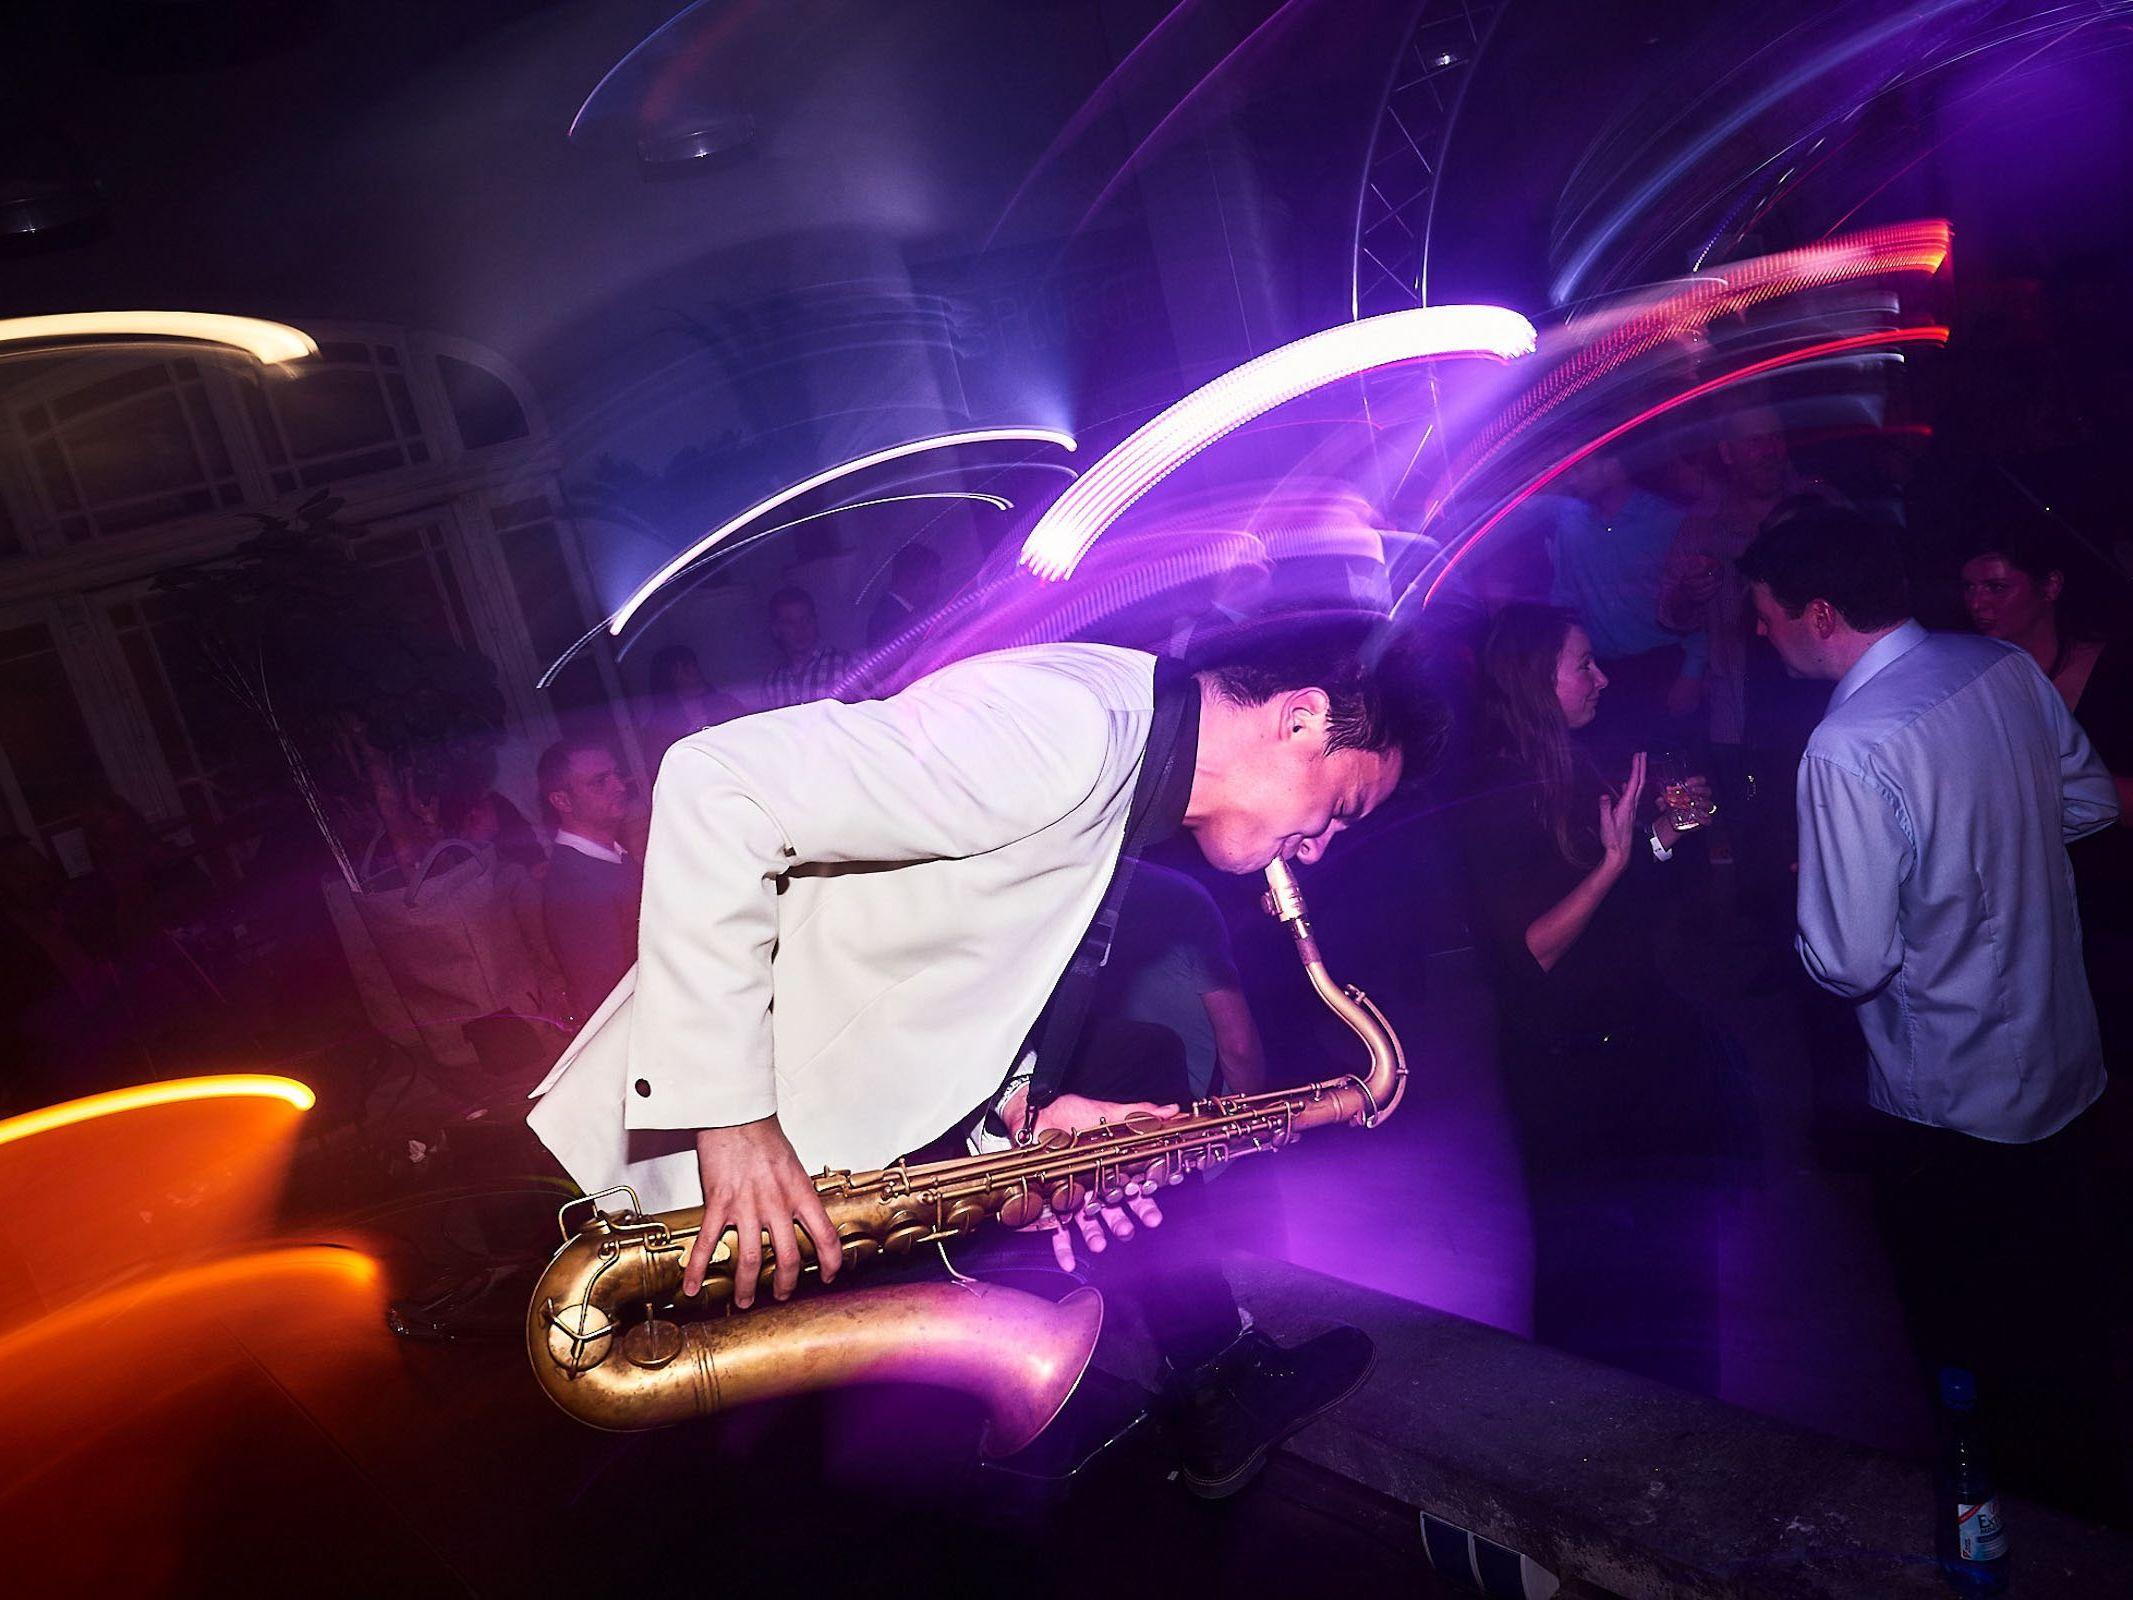 Saxophonist |Saxophon |Hannover |Hochzeit |Empfang |Trauung |Party |Buchen |Livemusik |Jazz |House |Electro |Pop |Hochzeit |Empfang |Messe |Firmenfeier |Mieten |Anfragen |Lehmann |Eventservice